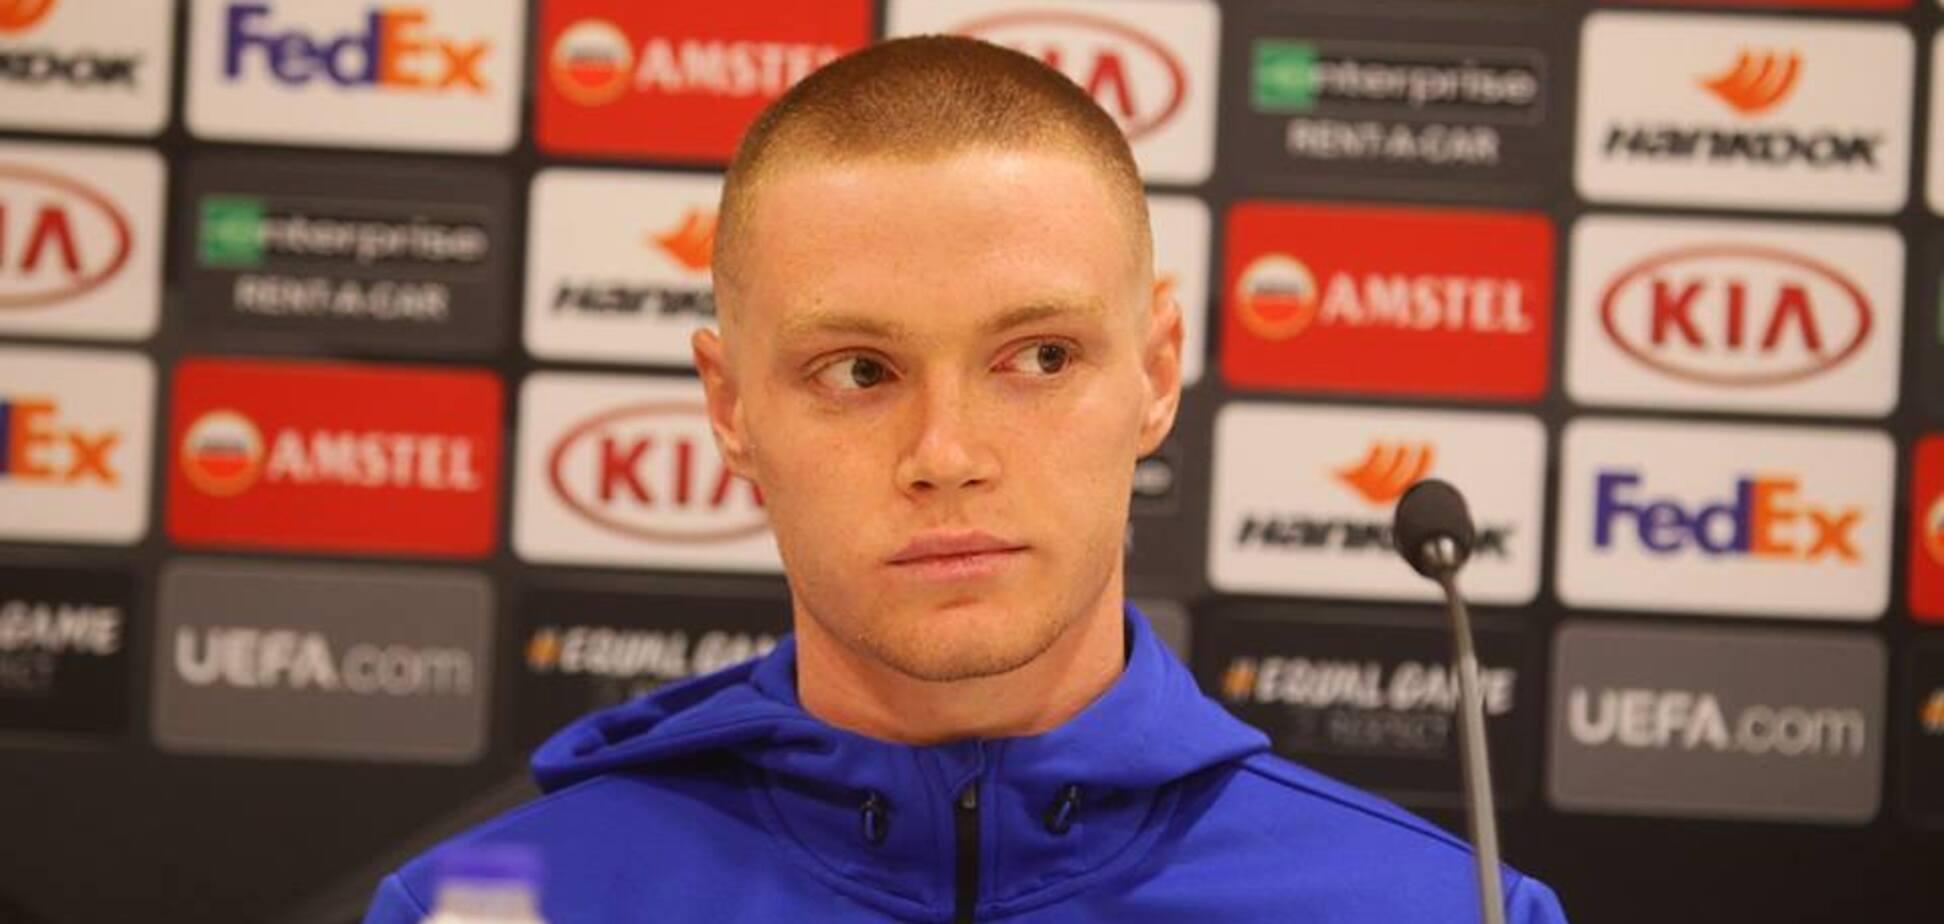 'Впервые играл': капитан 'Динамо' поделился эмоциями после матча Лиги Европы